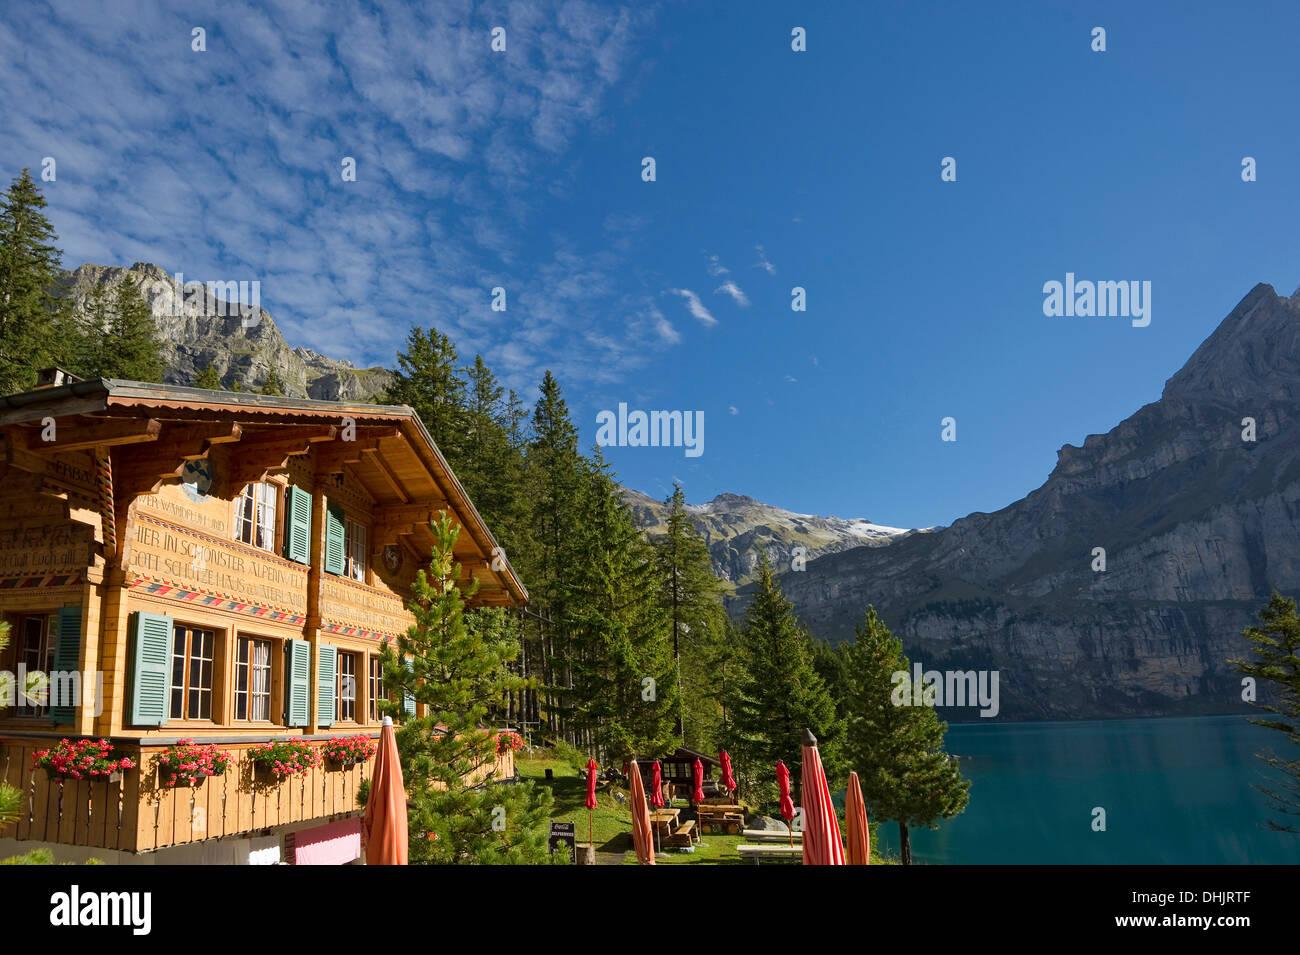 Chalet al Lago Oeschinensee nella luce del sole, Kandersteg, Oberland bernese, il Cantone di Berna, Svizzera, Europa Immagini Stock